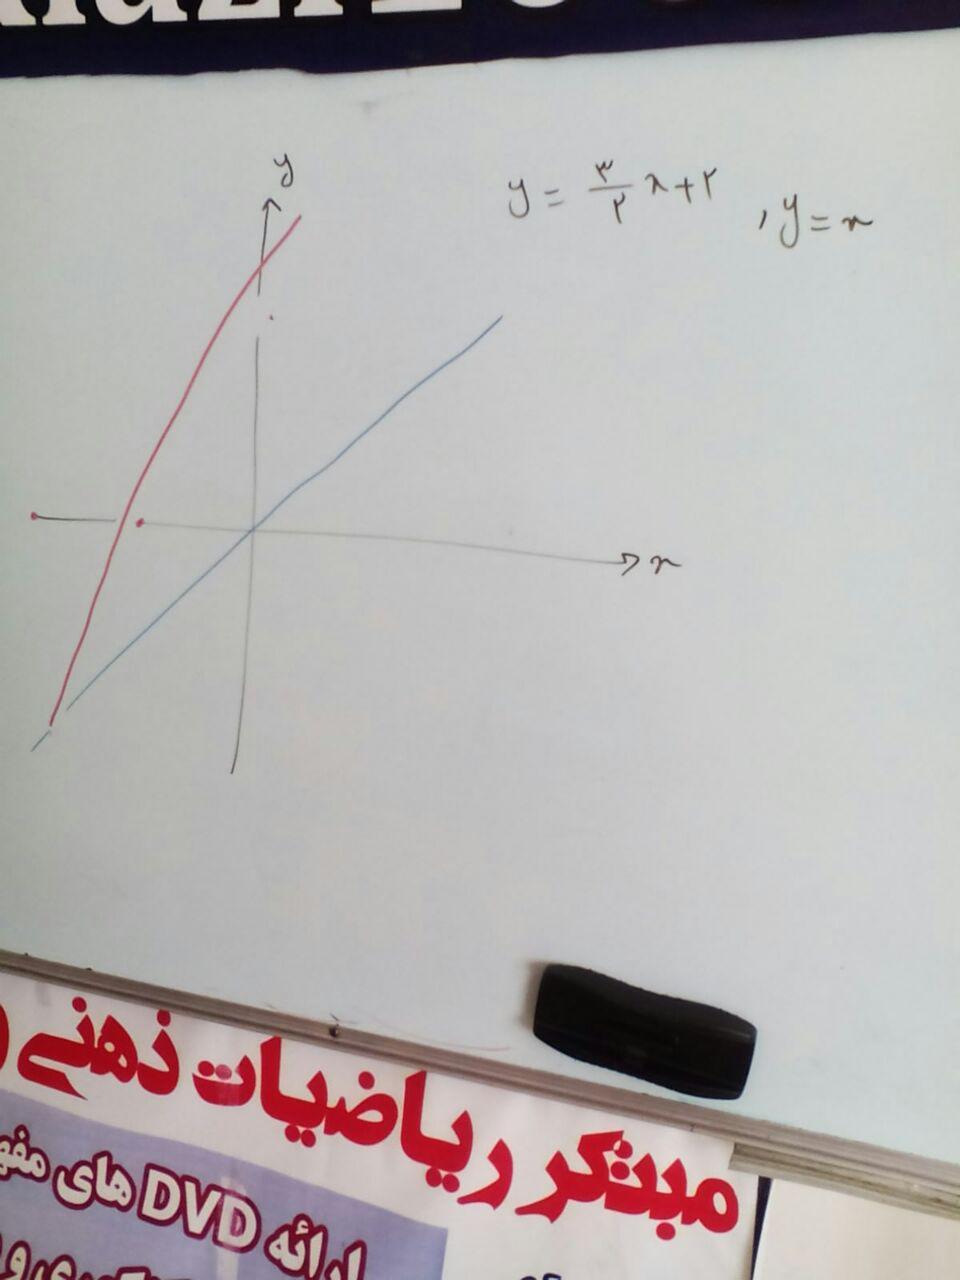 ریاضیات حامد دلیجه